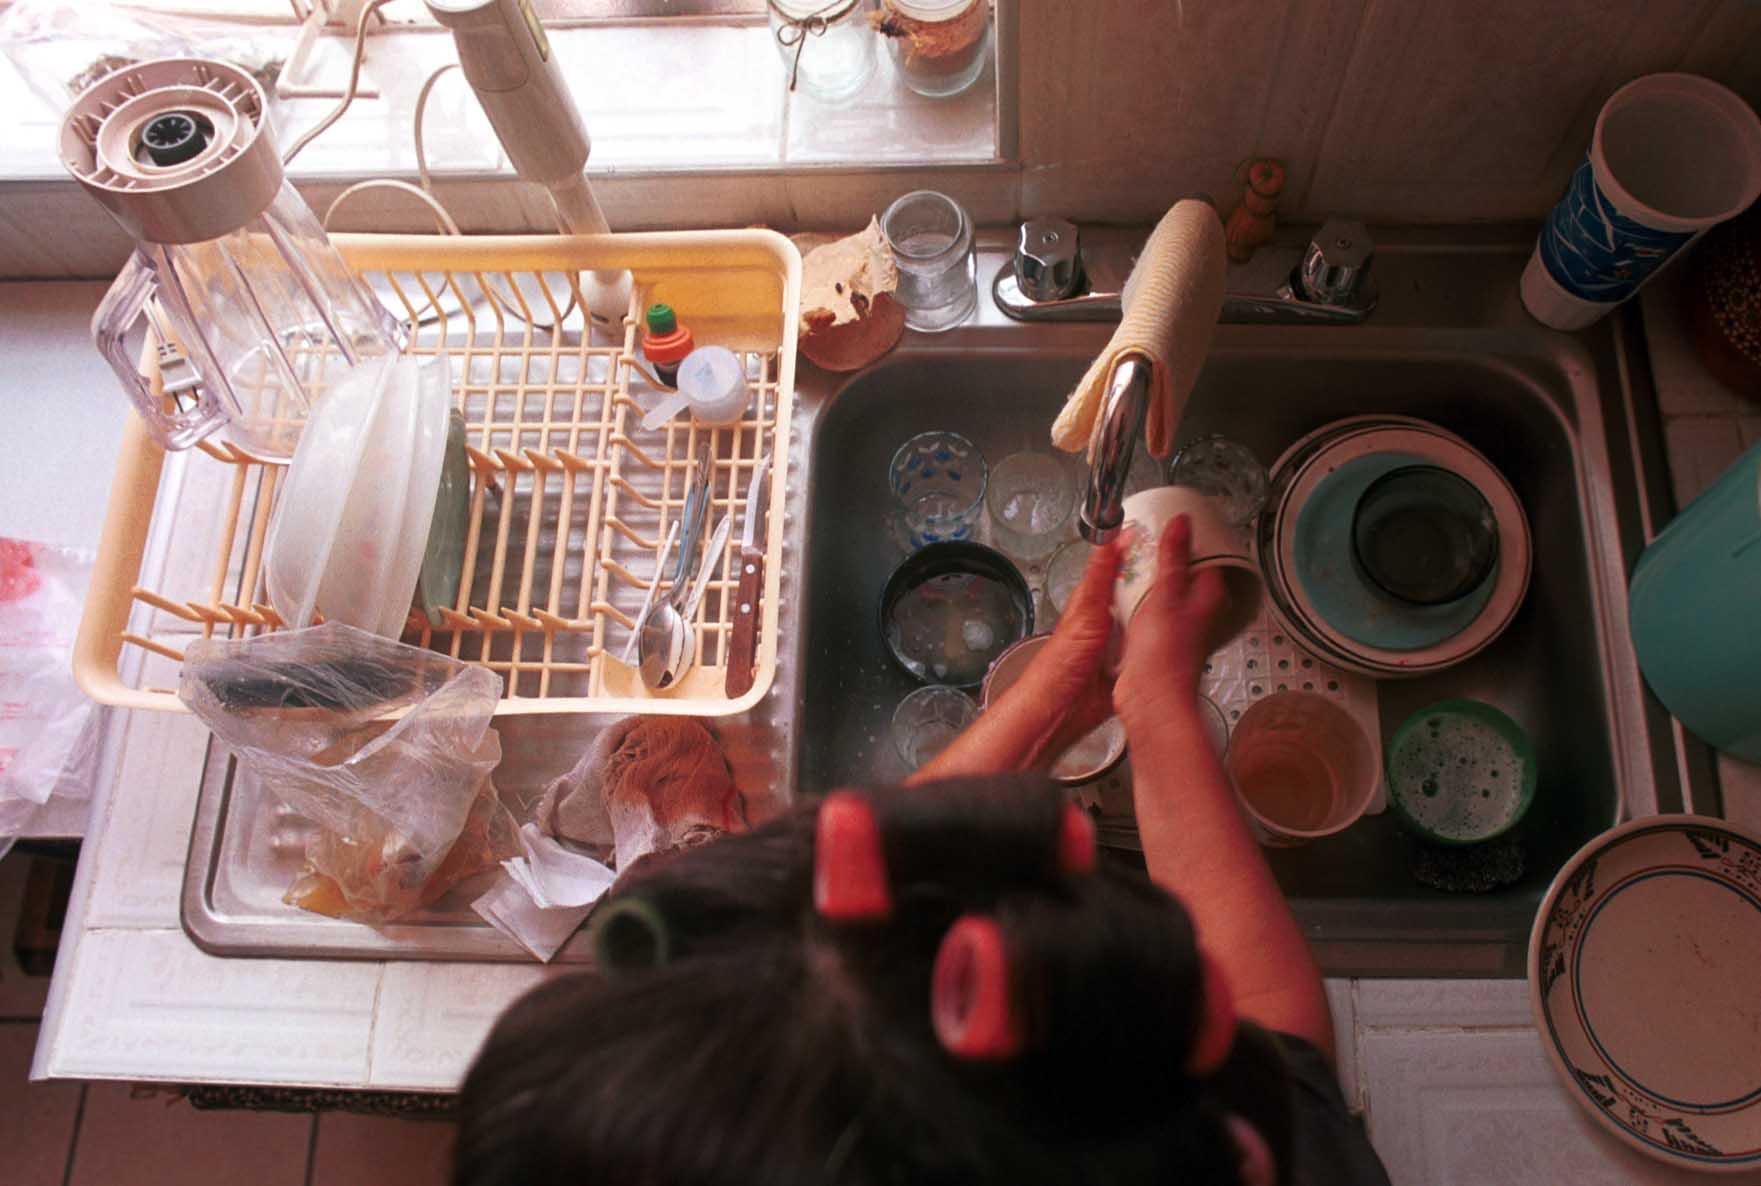 mujeres-dia-mujer-imagenes-foto-trabajadoras-domesticas-hogar